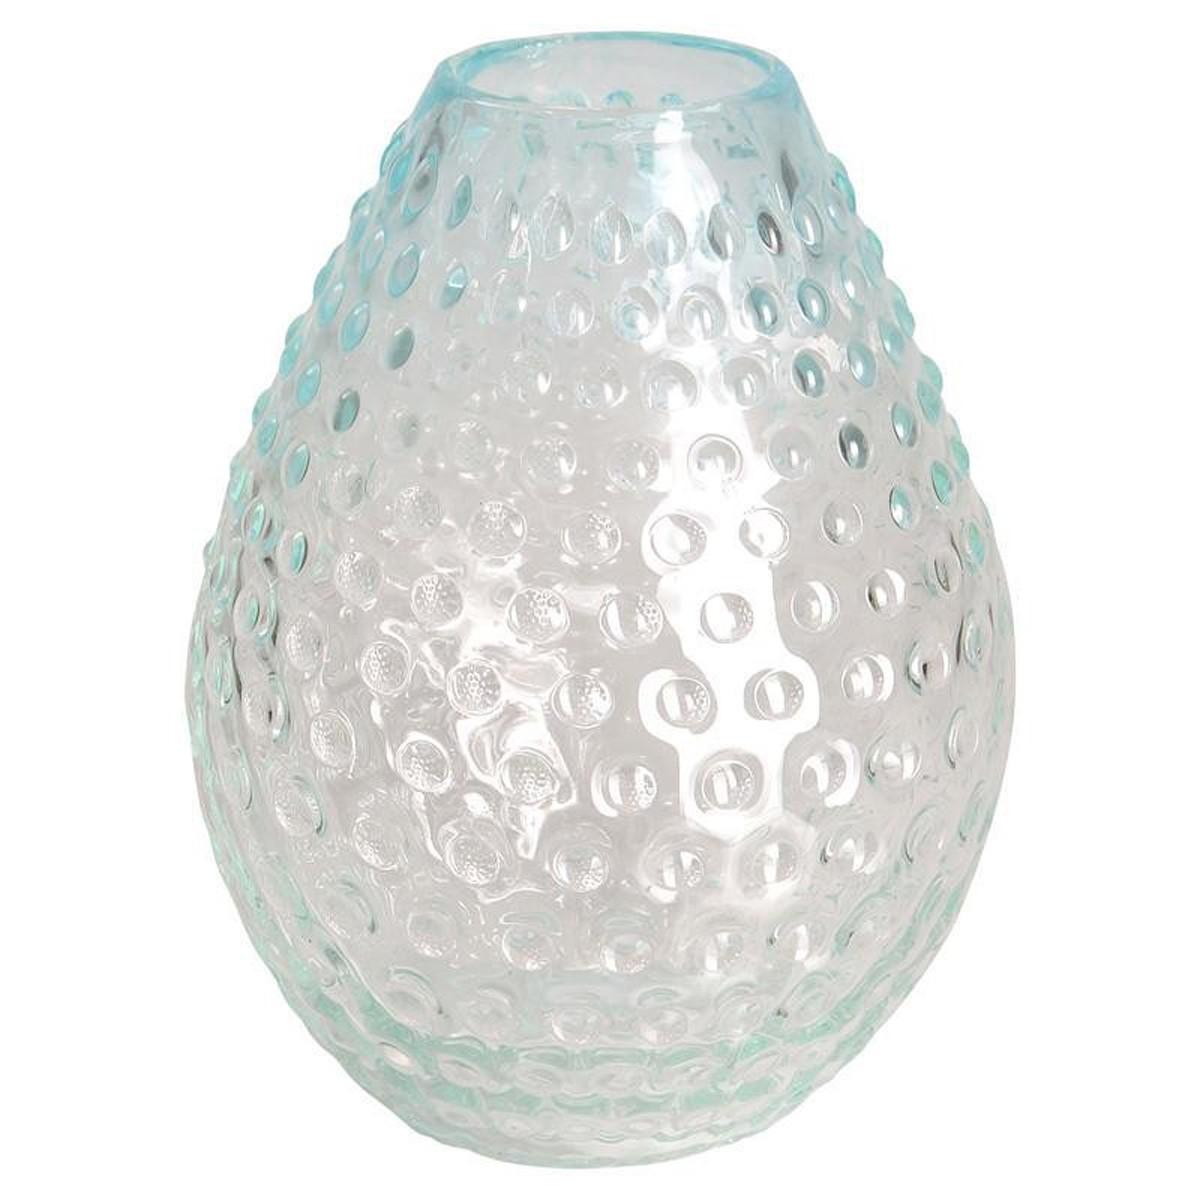 Διακοσμητικό Βάζο InArt Boulders Crystal 3-70-372-0014